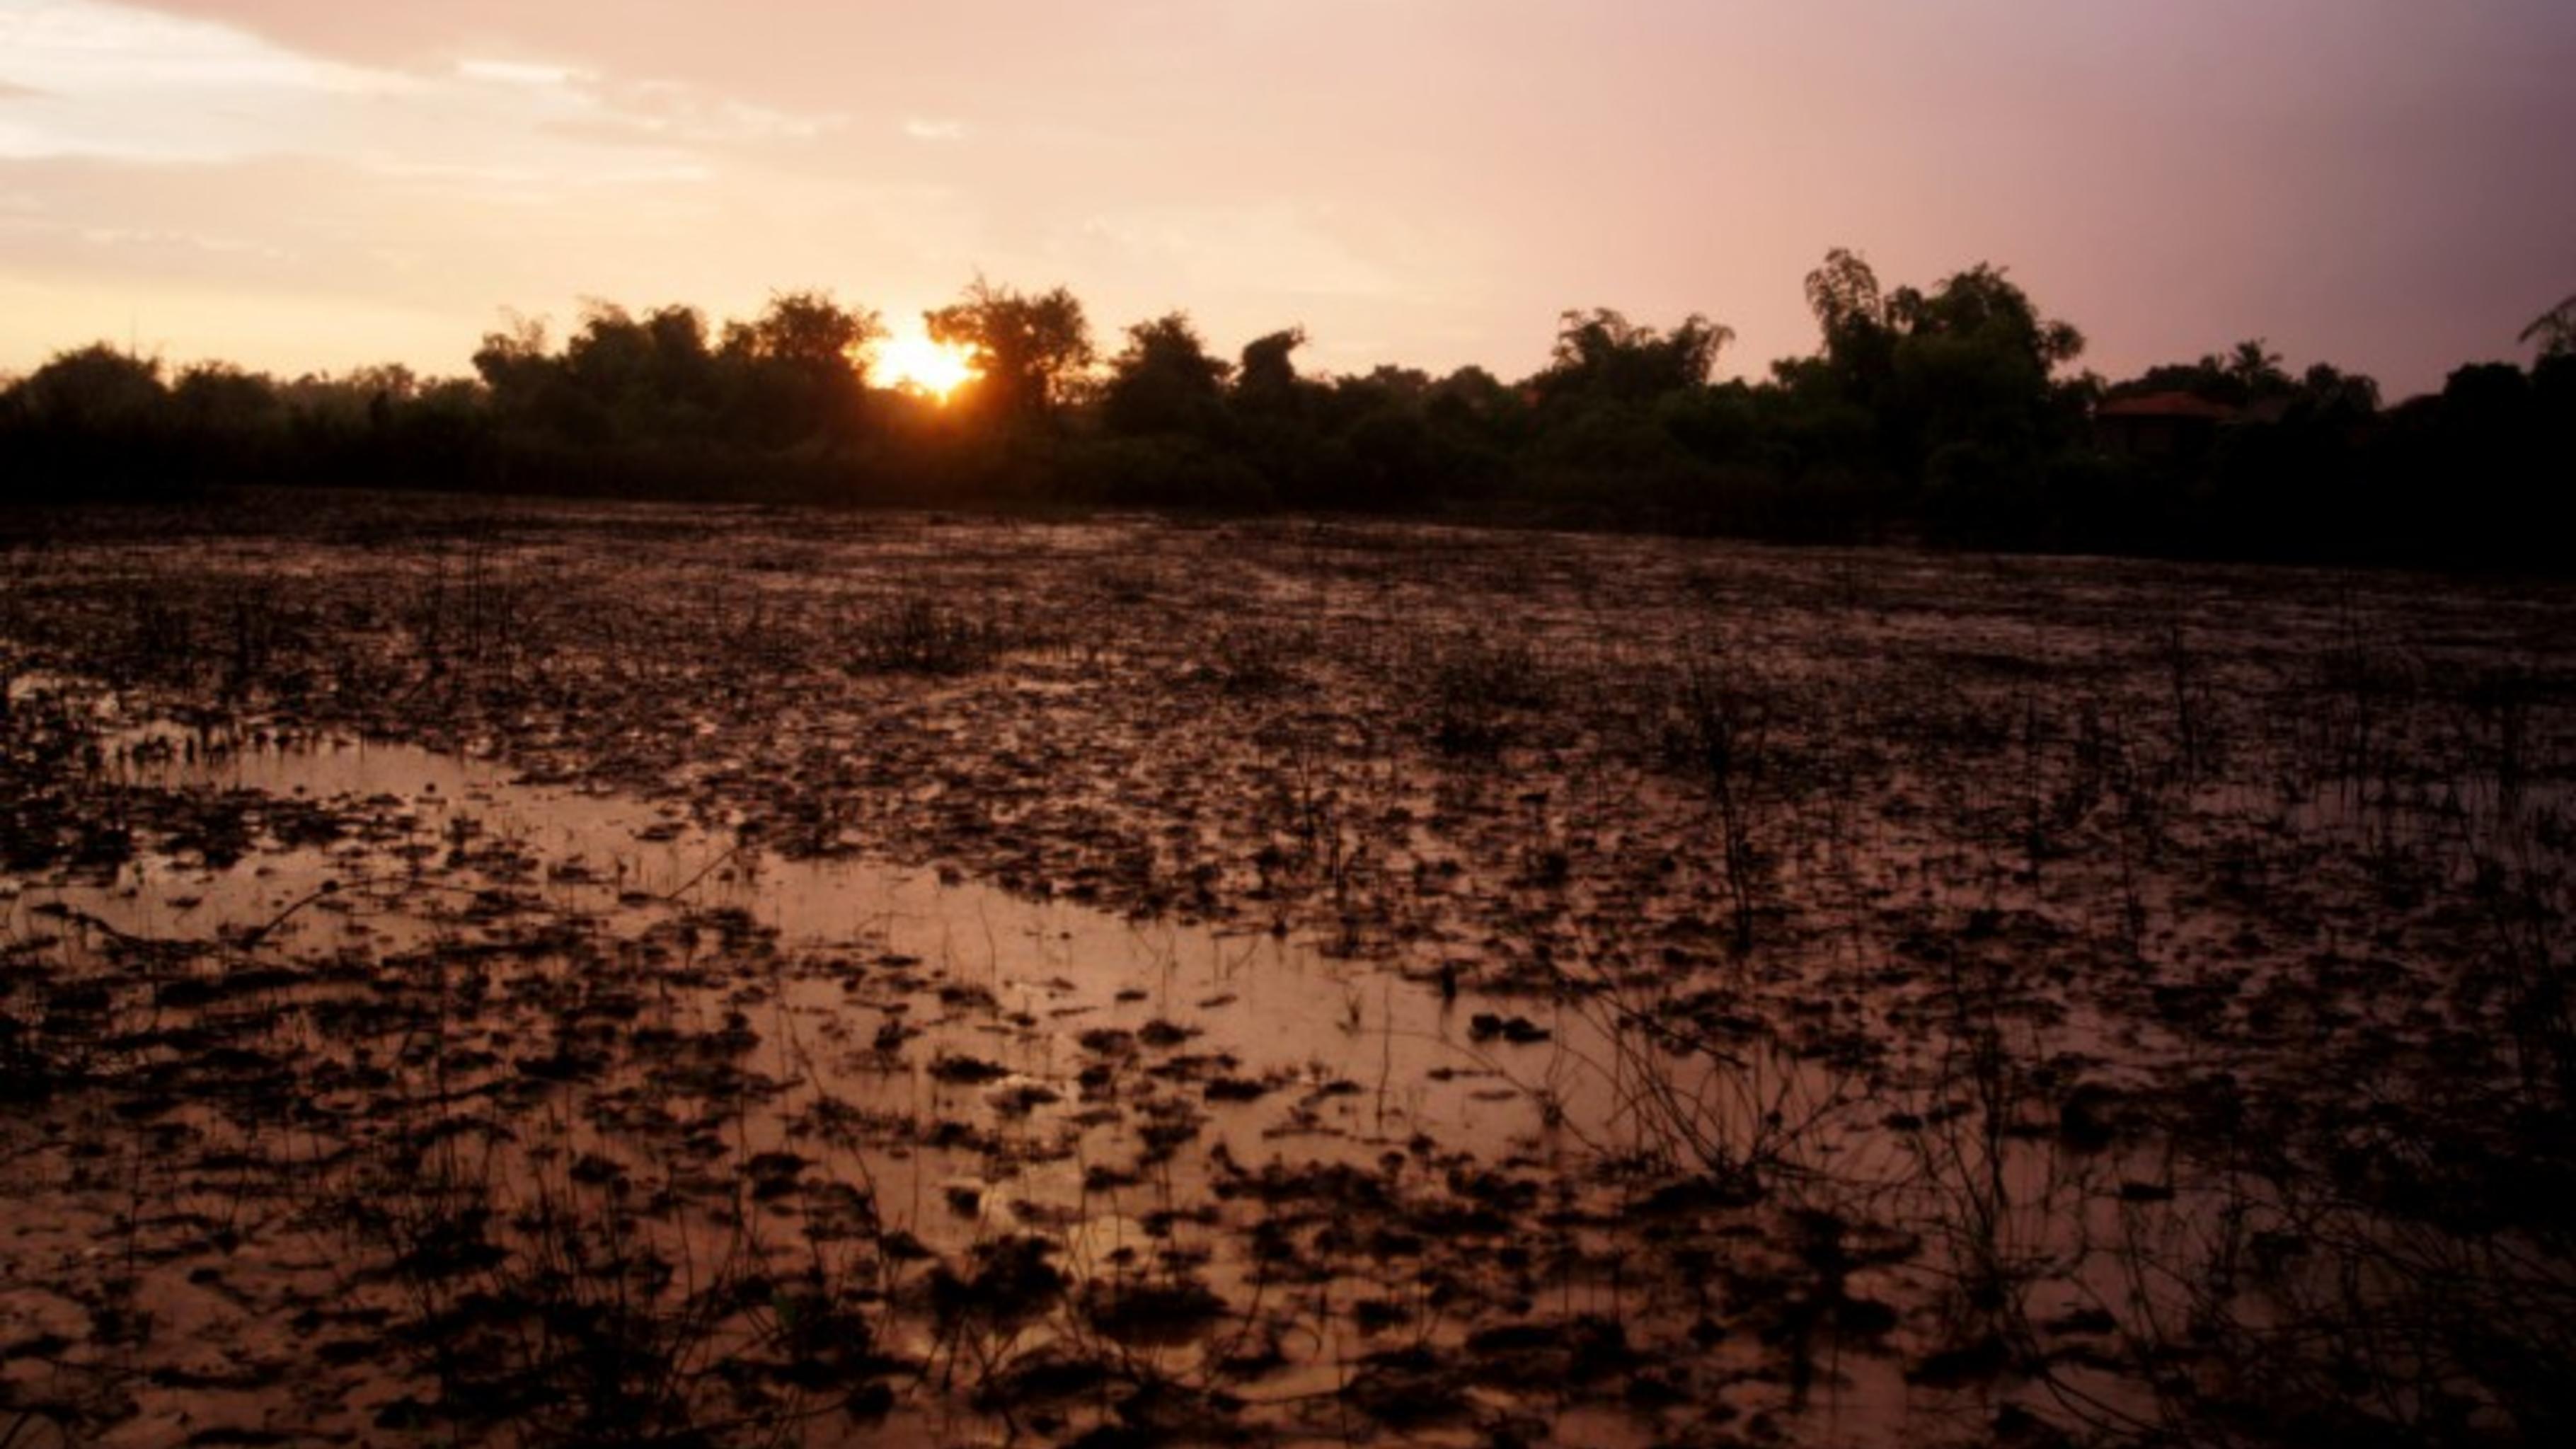 Überschwemmtes Reisfeld bei Sonnenuntergang